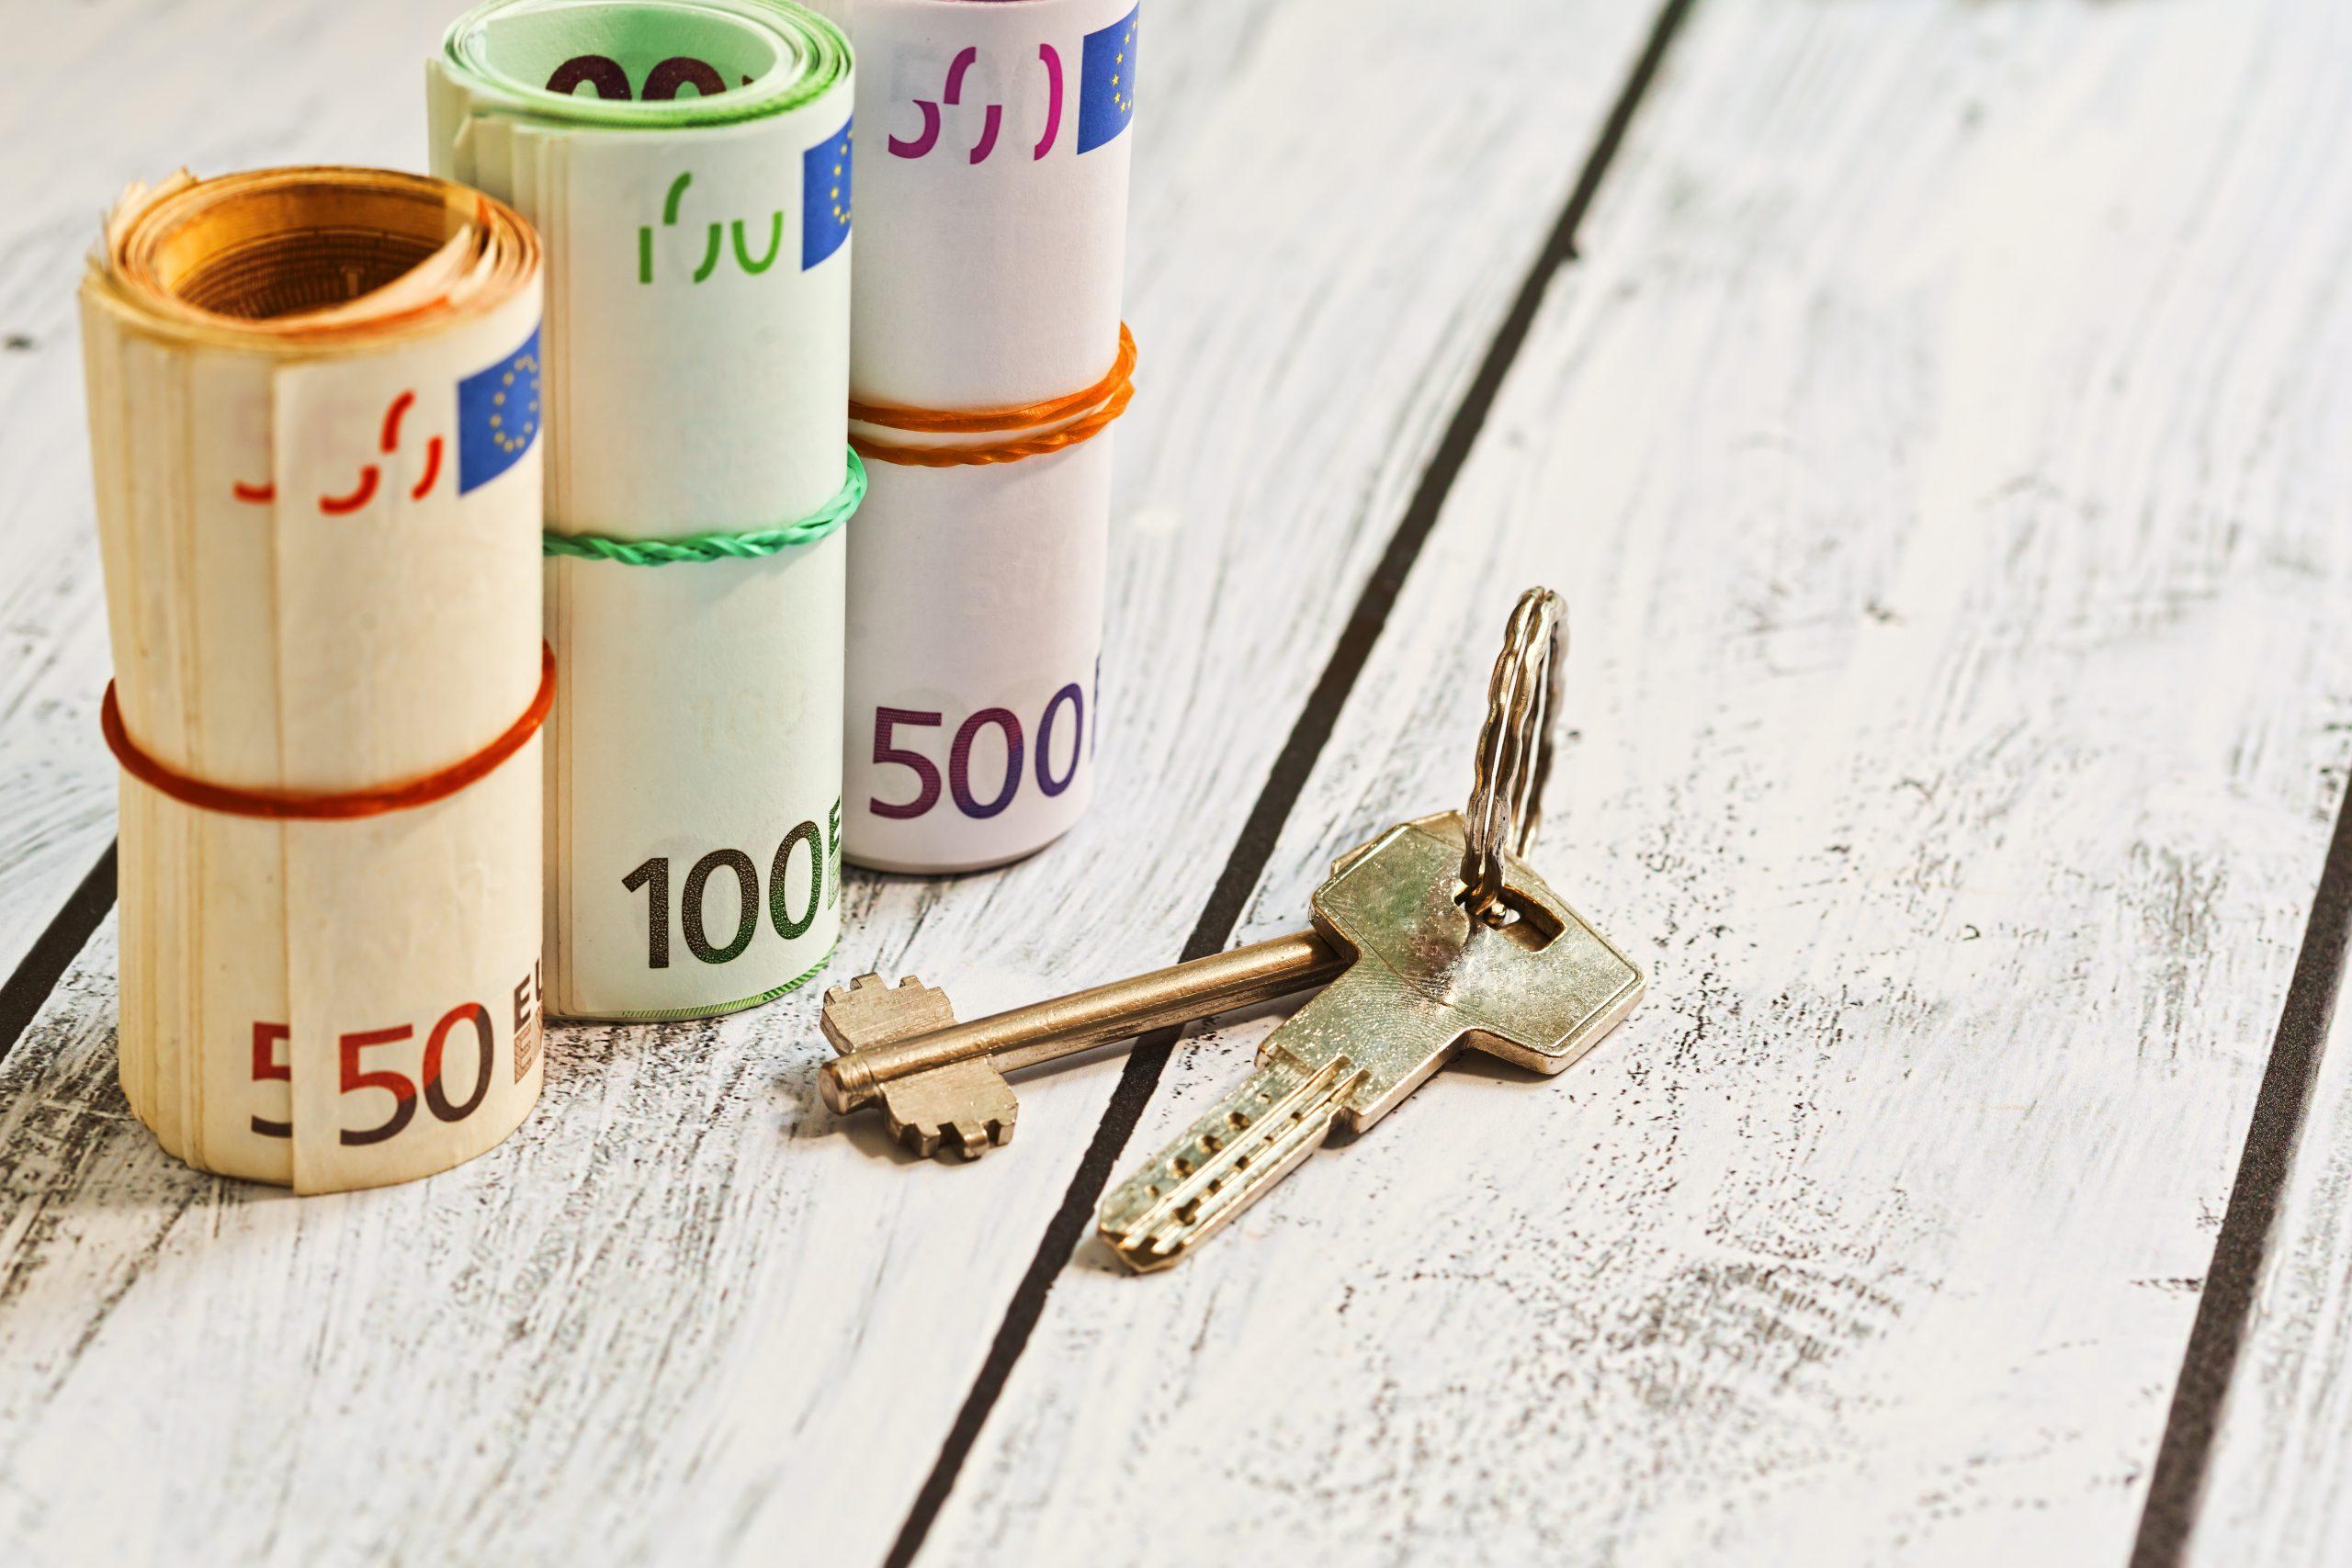 Kwijtschelding corona belastingschulden mogelijk?